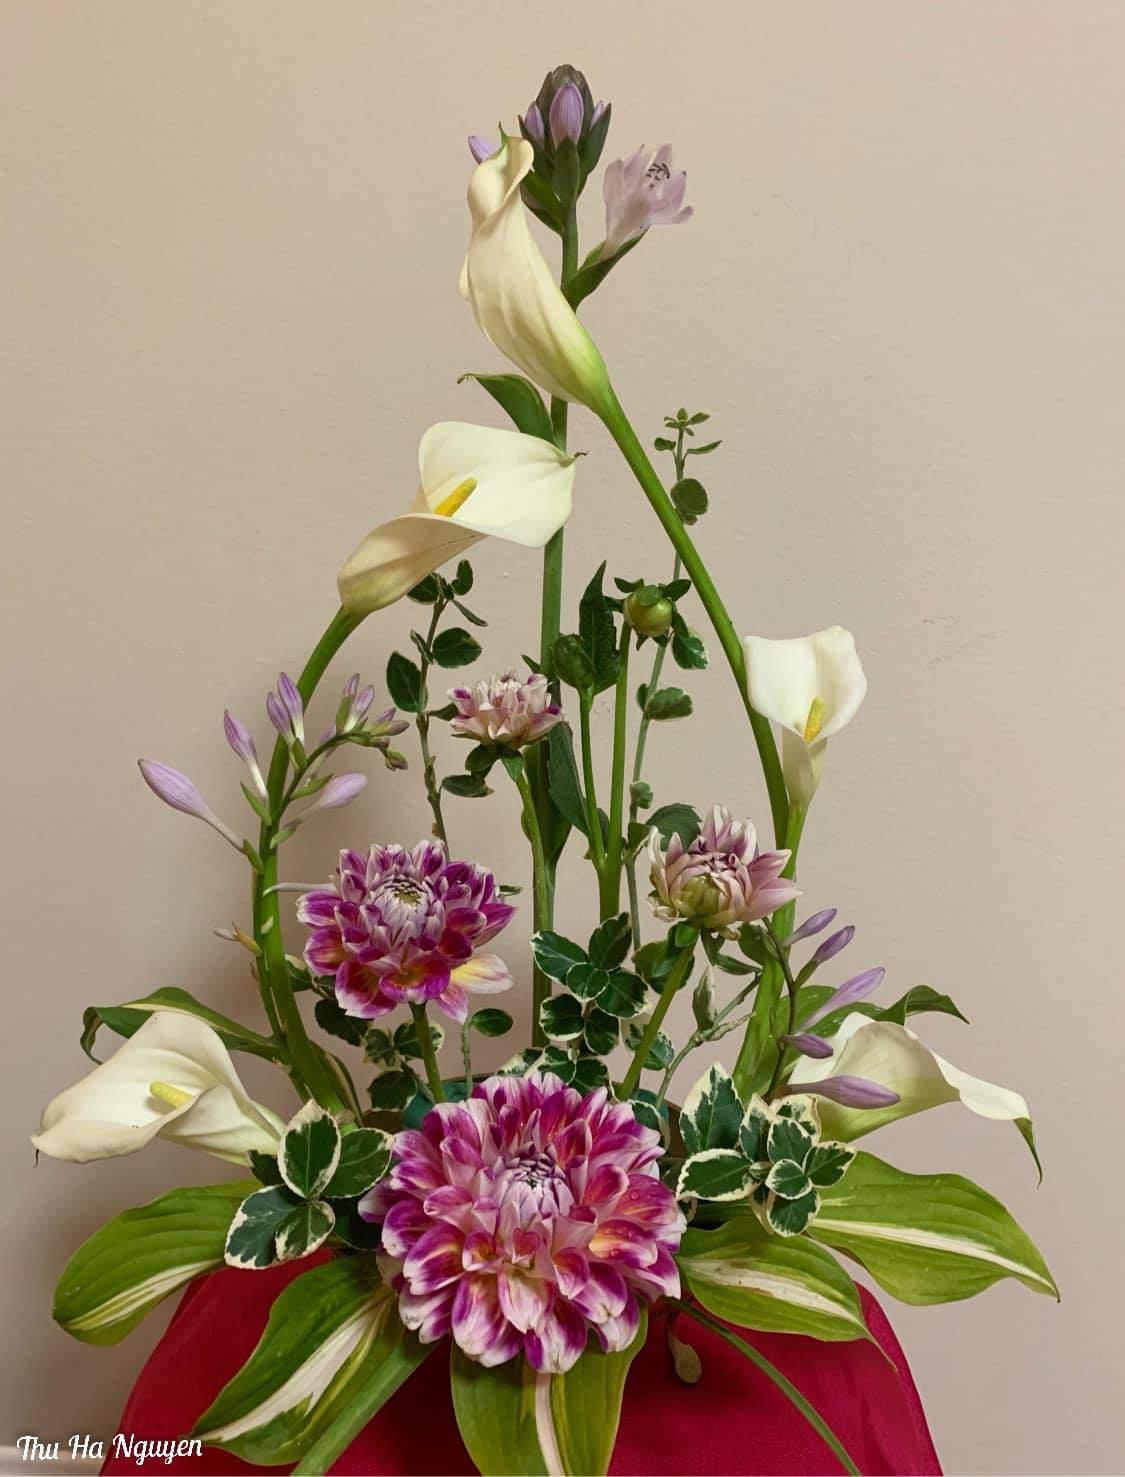 """Mẹ Việt tự tay cắm hoa 20/10, nhìn đến ảnh chim công, dân mạng thốt lên """"nức nở"""" - 15"""